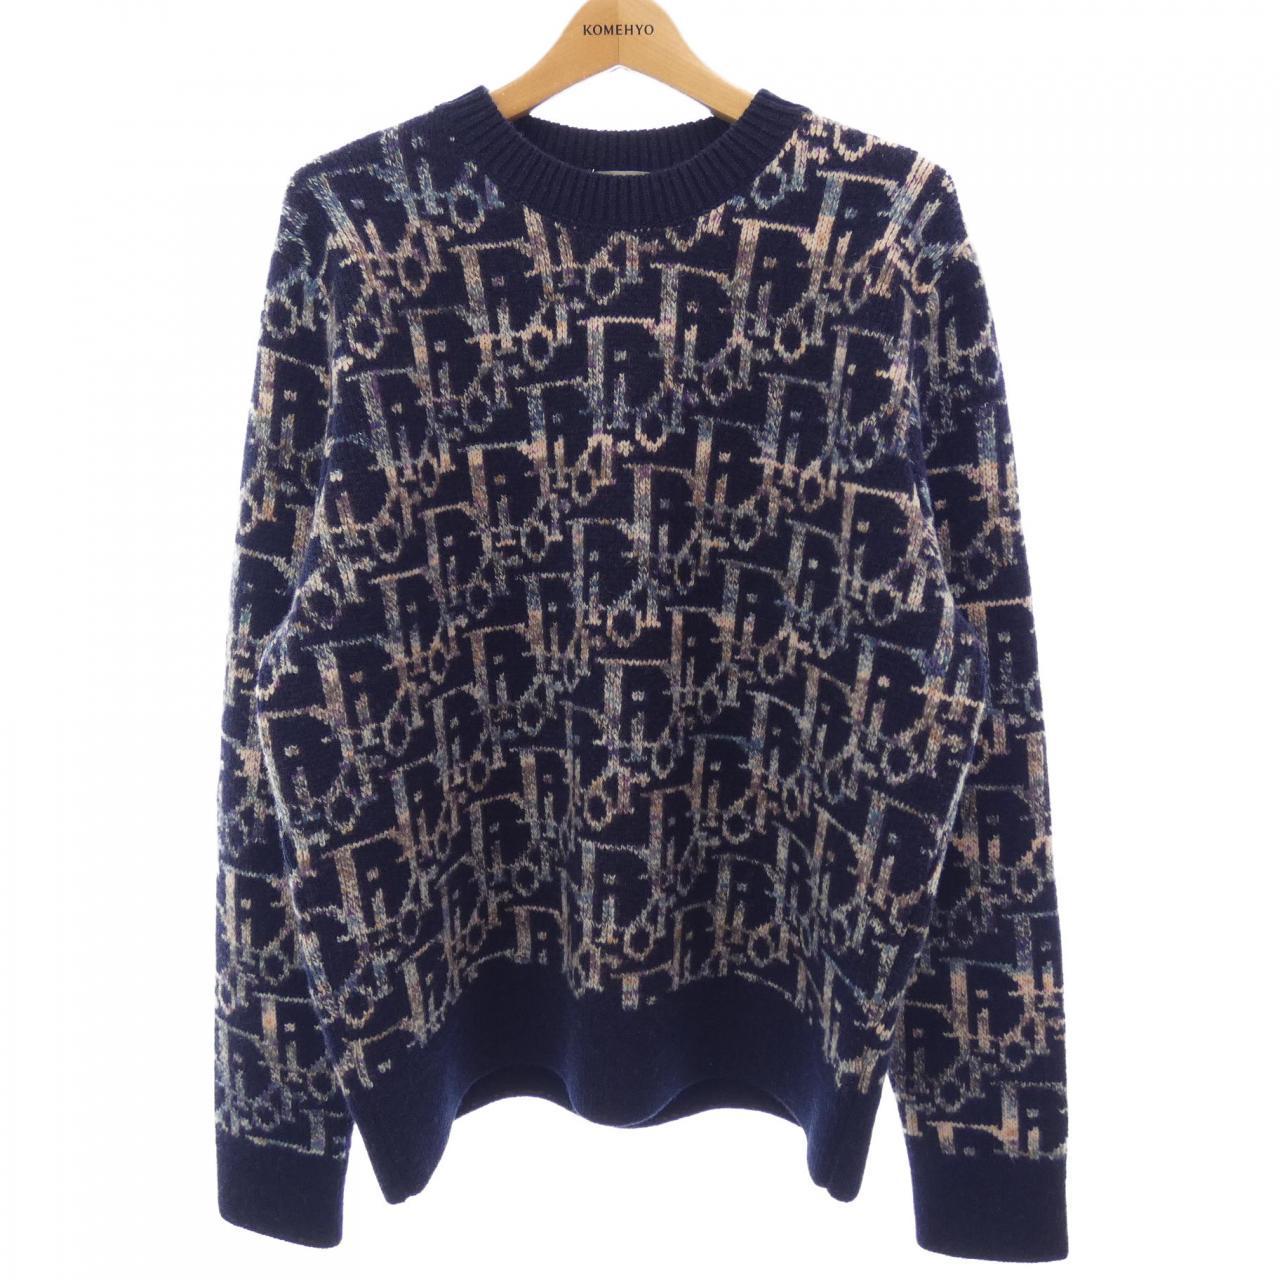 Diorのセーター